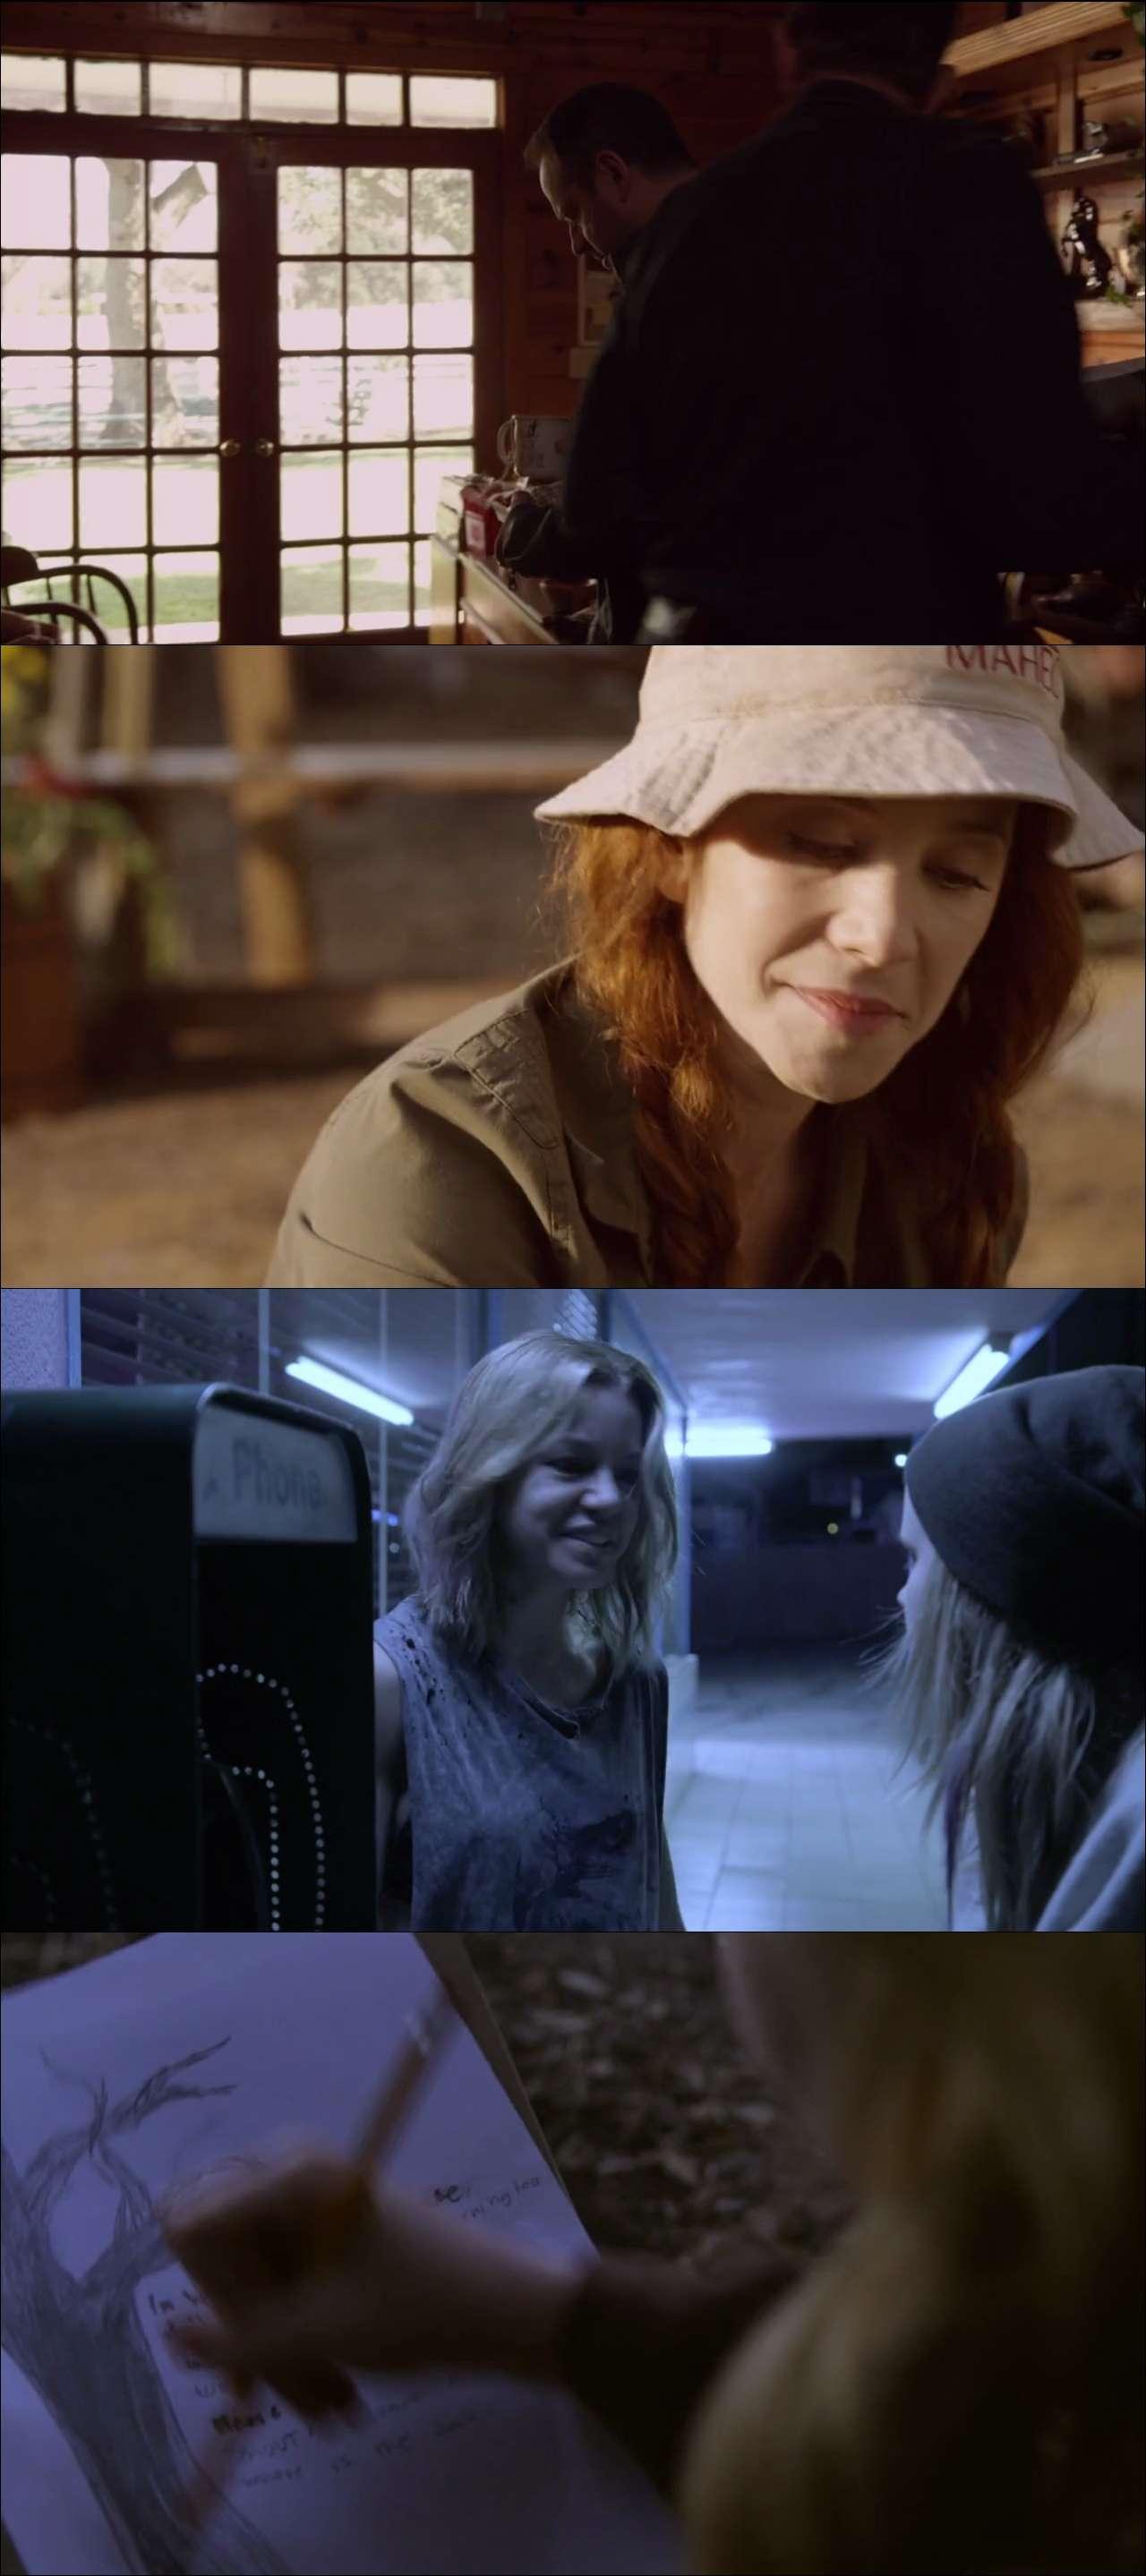 Eşikteki Kız - Girl on the Edge (2015) türkçe dublaj indir